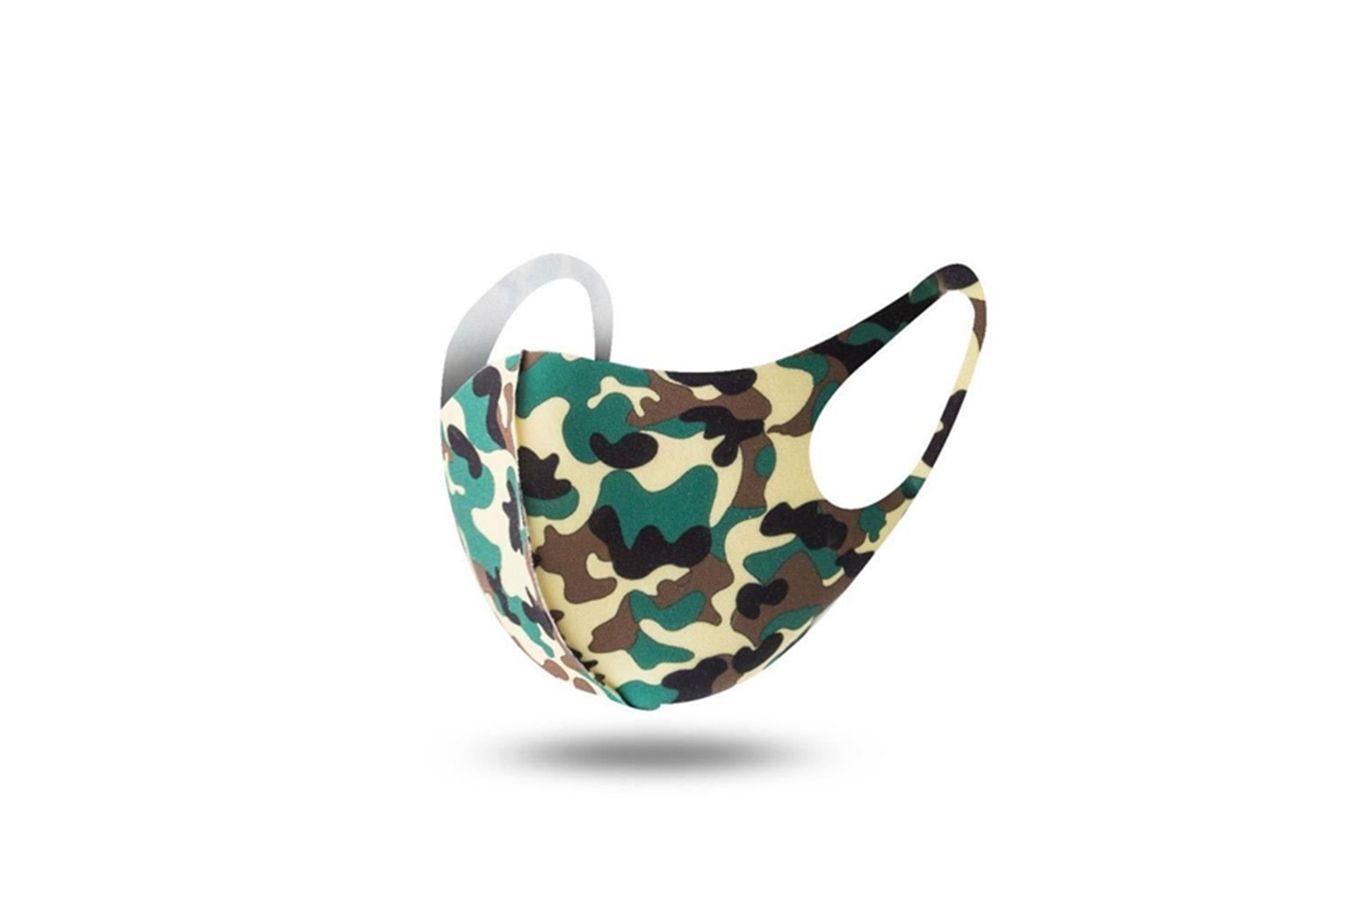 Harf Baskı Stil Fasionable Toz Korumalı Wasable Breatable # 569 Maske Maskesi